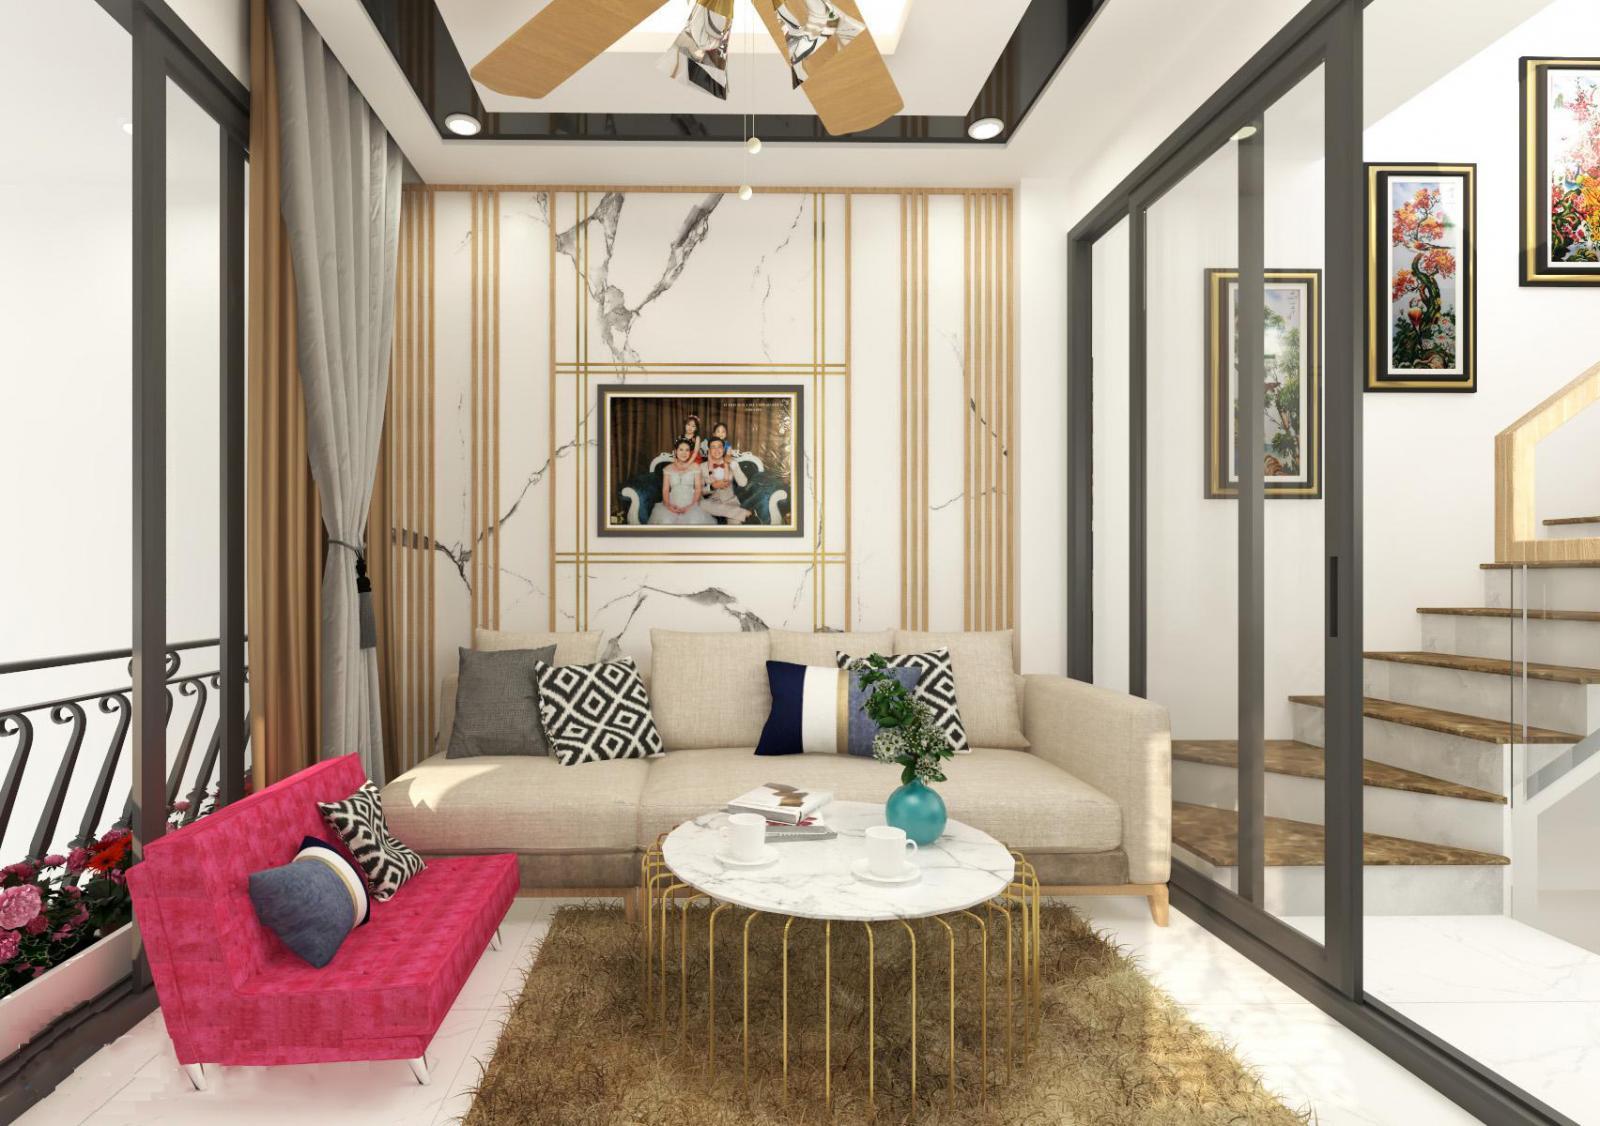 Phòng khách diện tích nhỏ, có sofa, bàn, ảnh gia đình treo tường